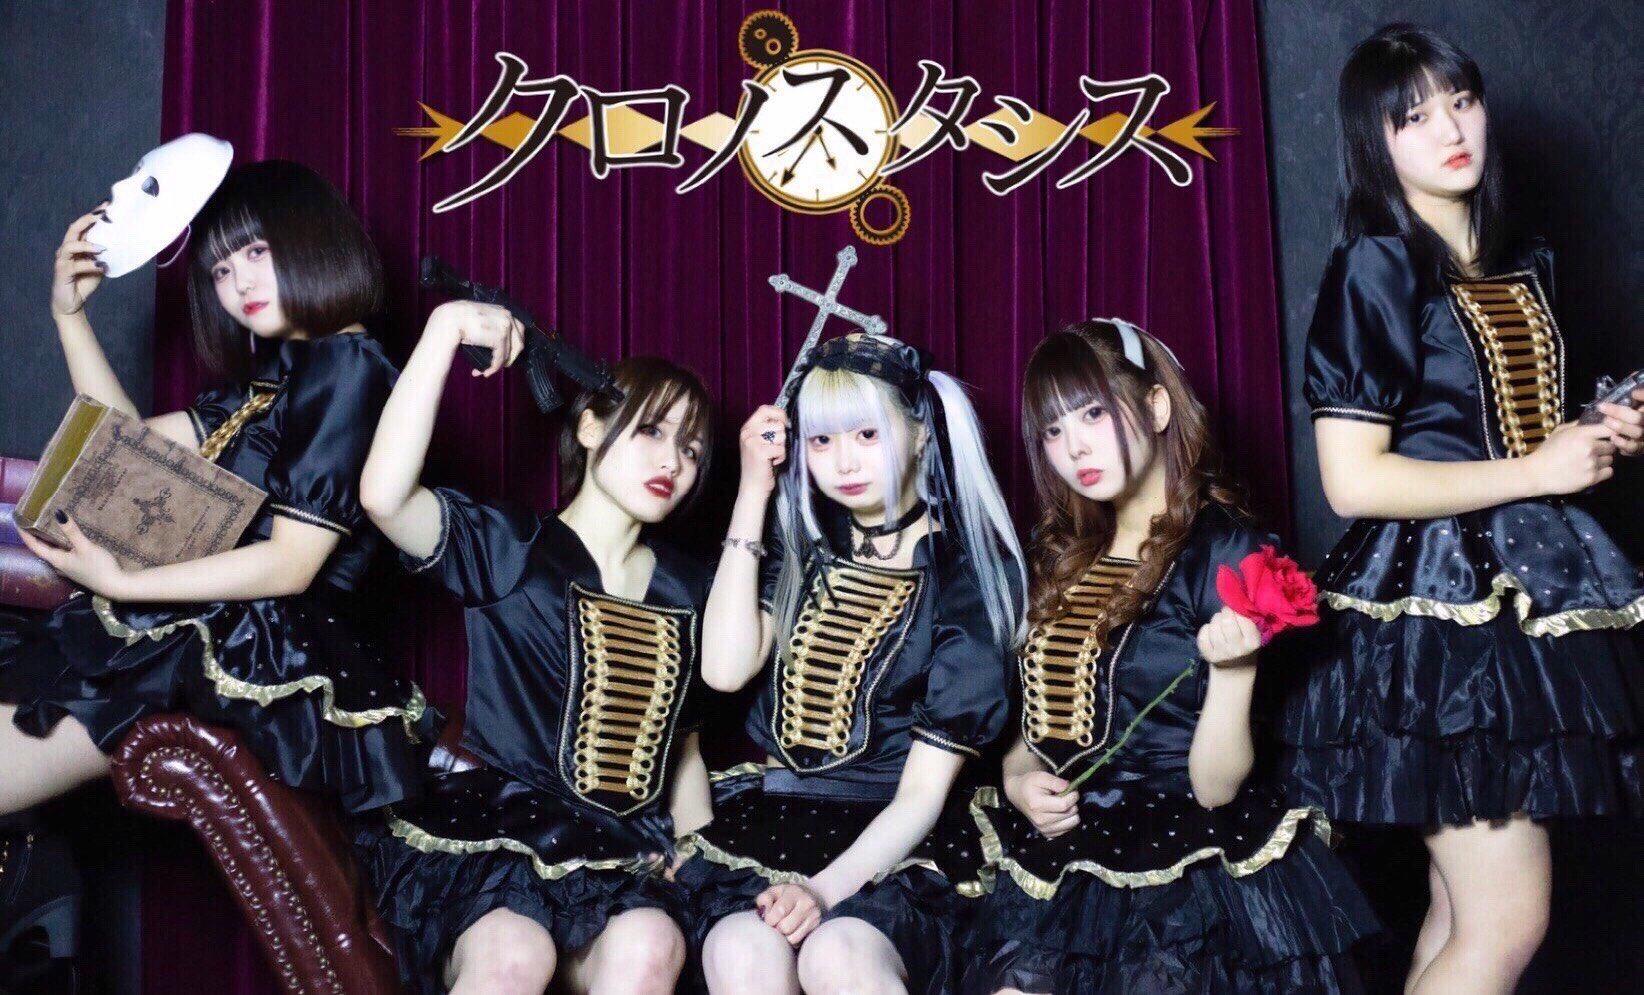 虹キャン・クロスタ 定期公演 Vol.01 presents by R&P FES